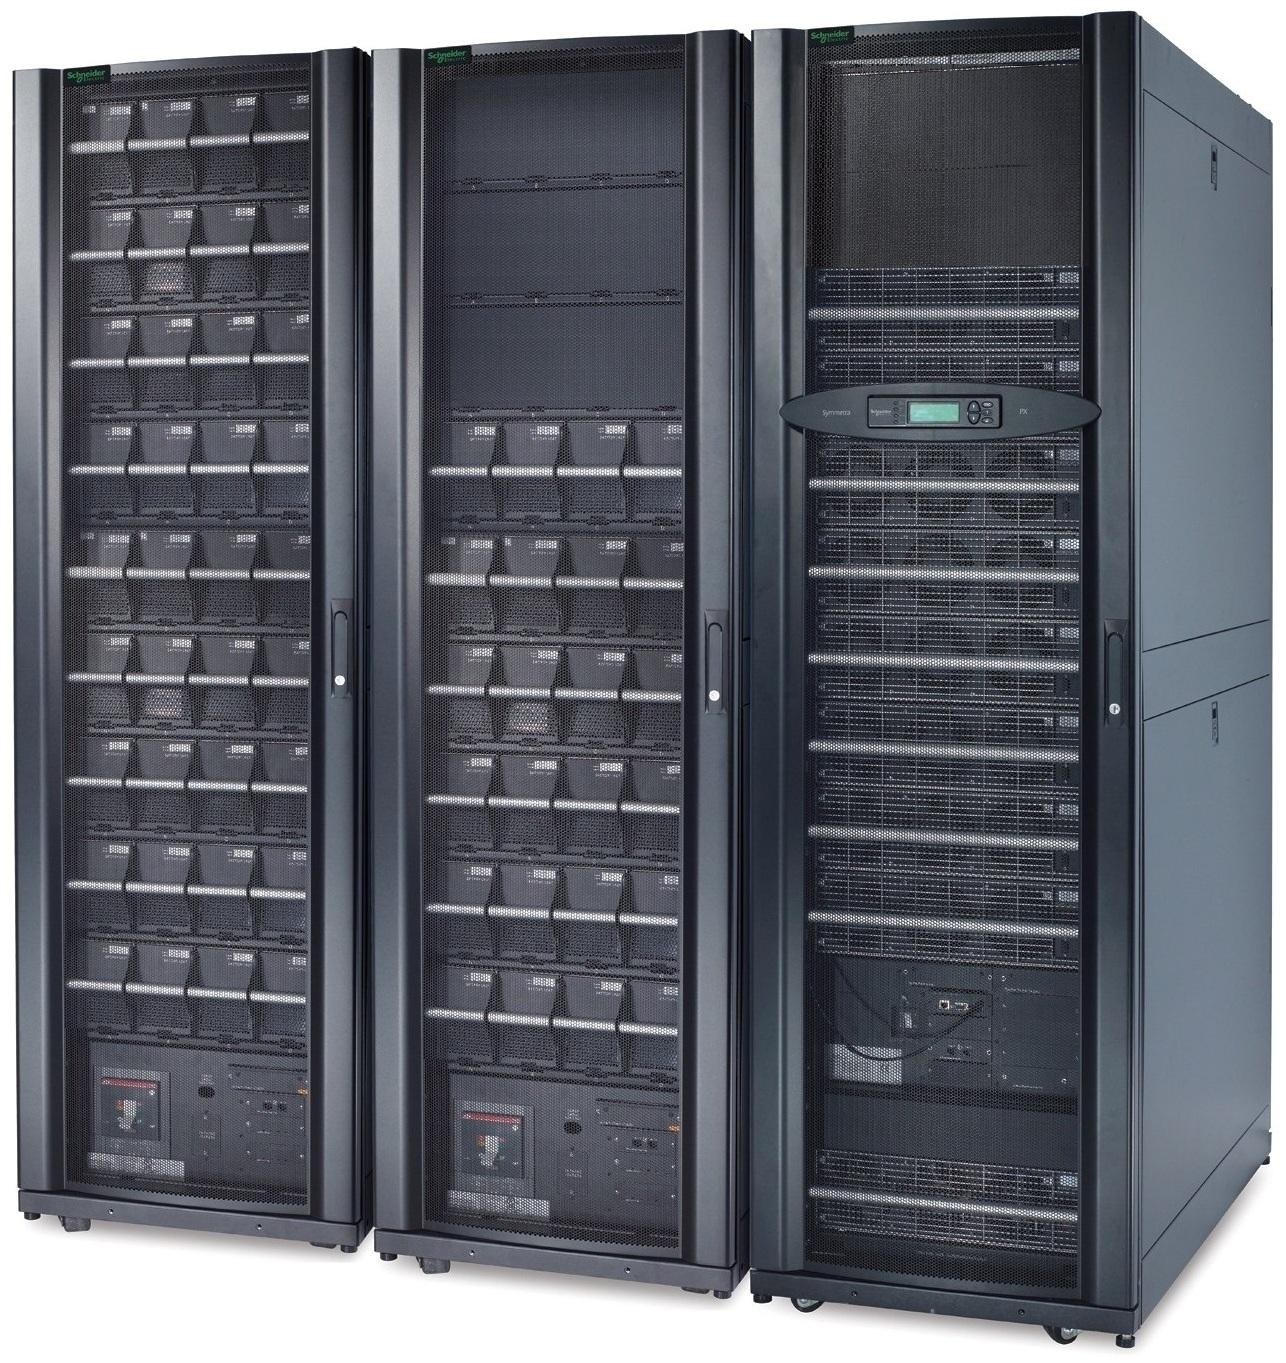 APC by Schneider Electric Symmetra PX 160kWSY128K160H